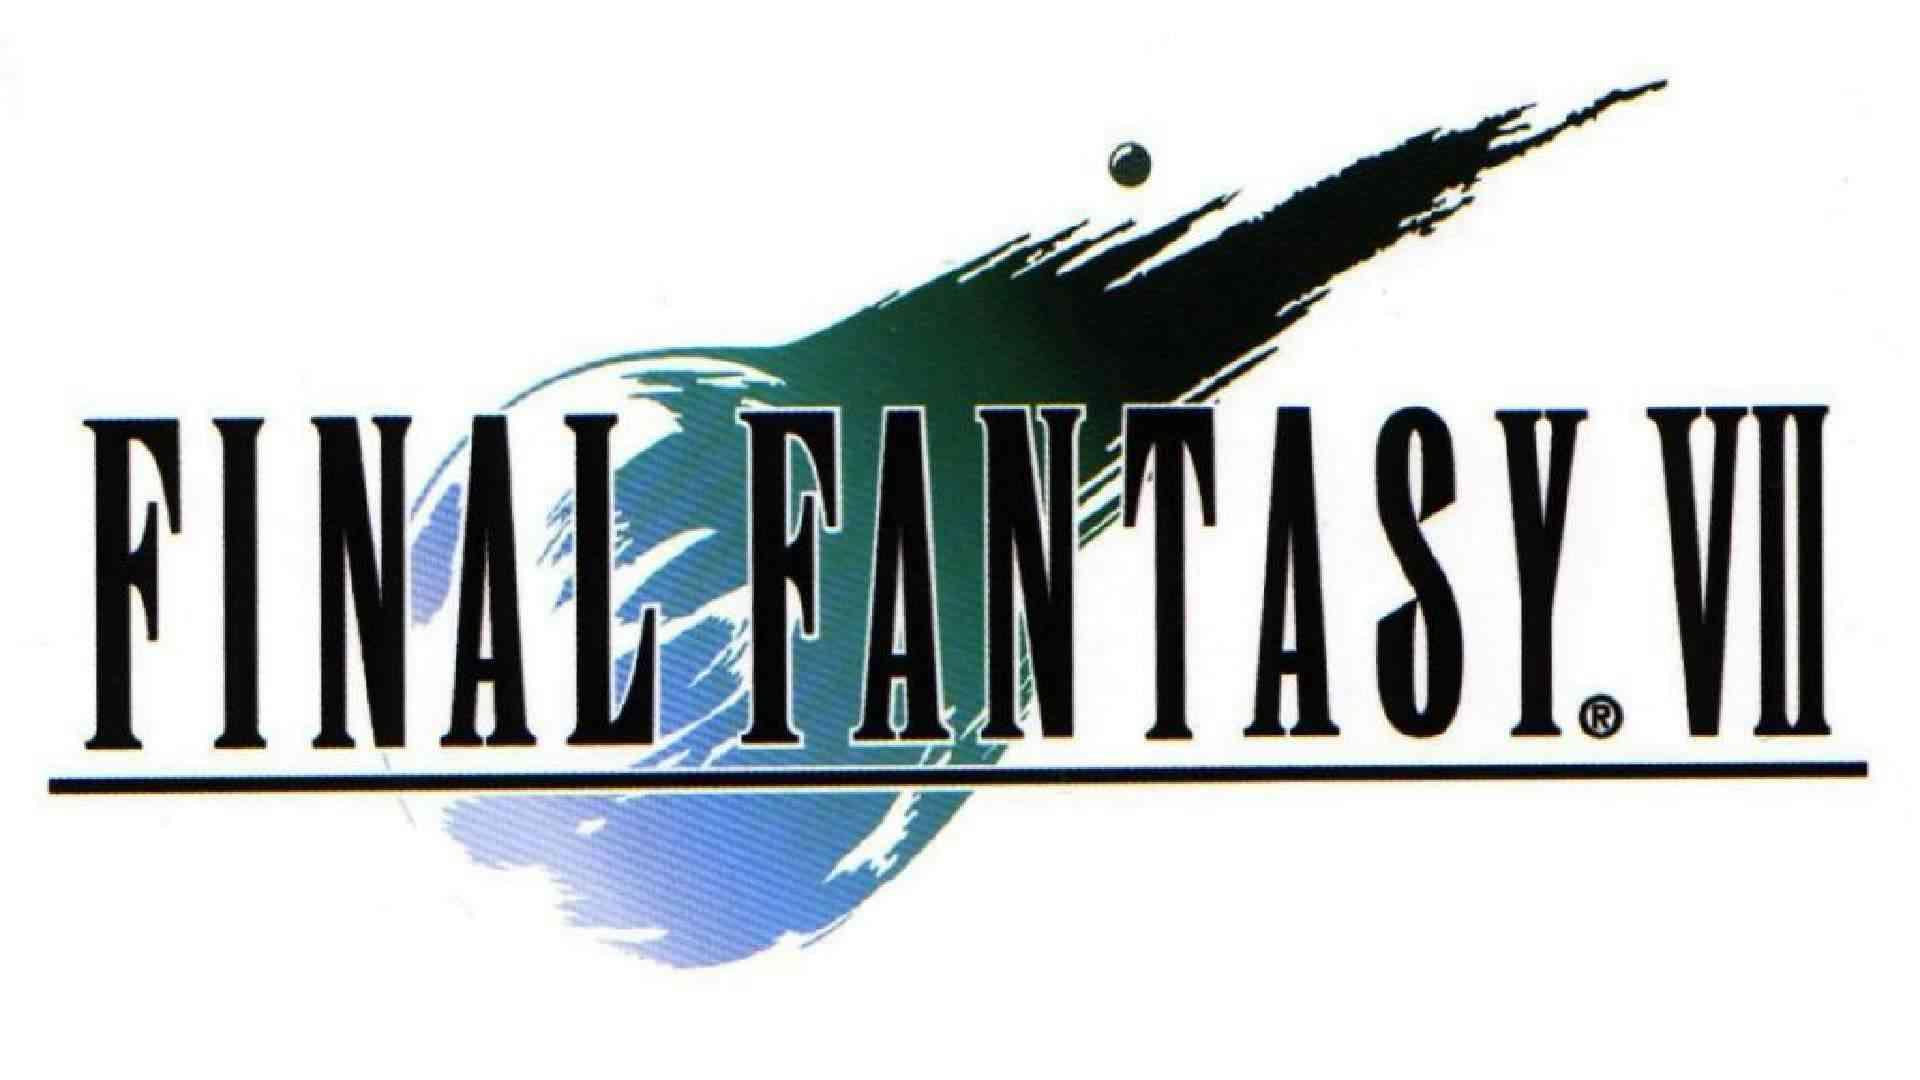 J-E-N-O-V-A - Final Fantasy VII Music Extended - YouTube